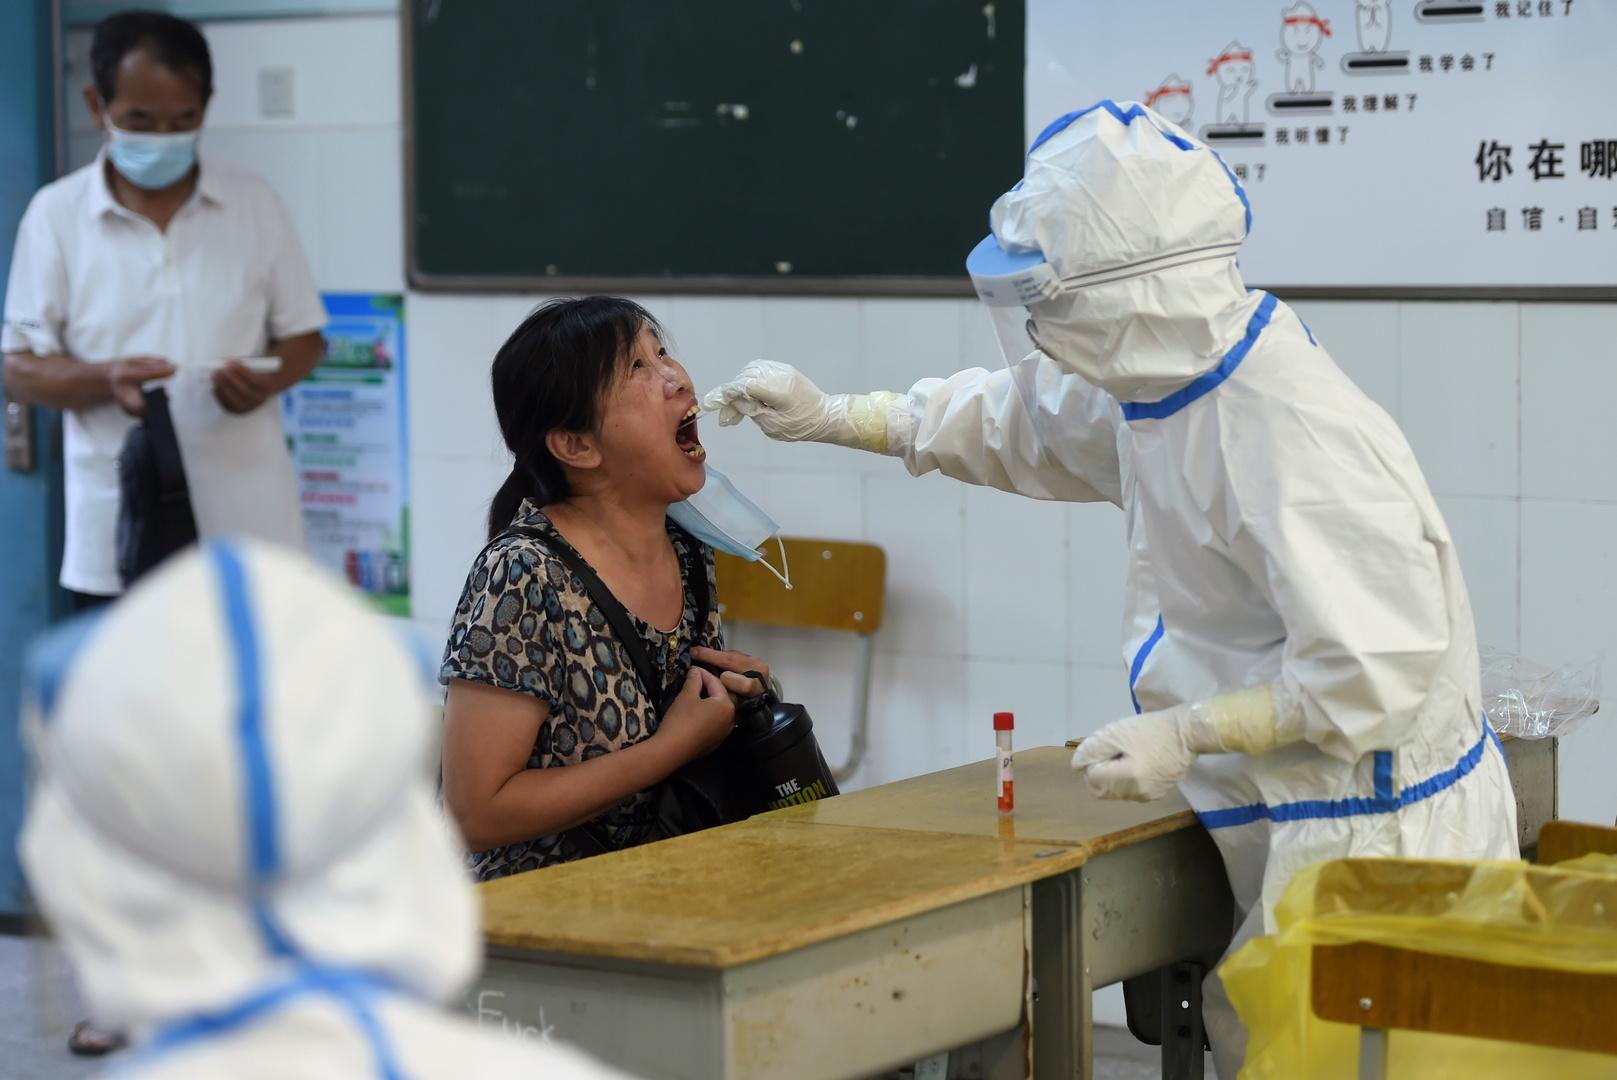 كورونا.. الصين تعلّق إصدار الجوازات وتشدد قيود سفر مواطنيها للخارج